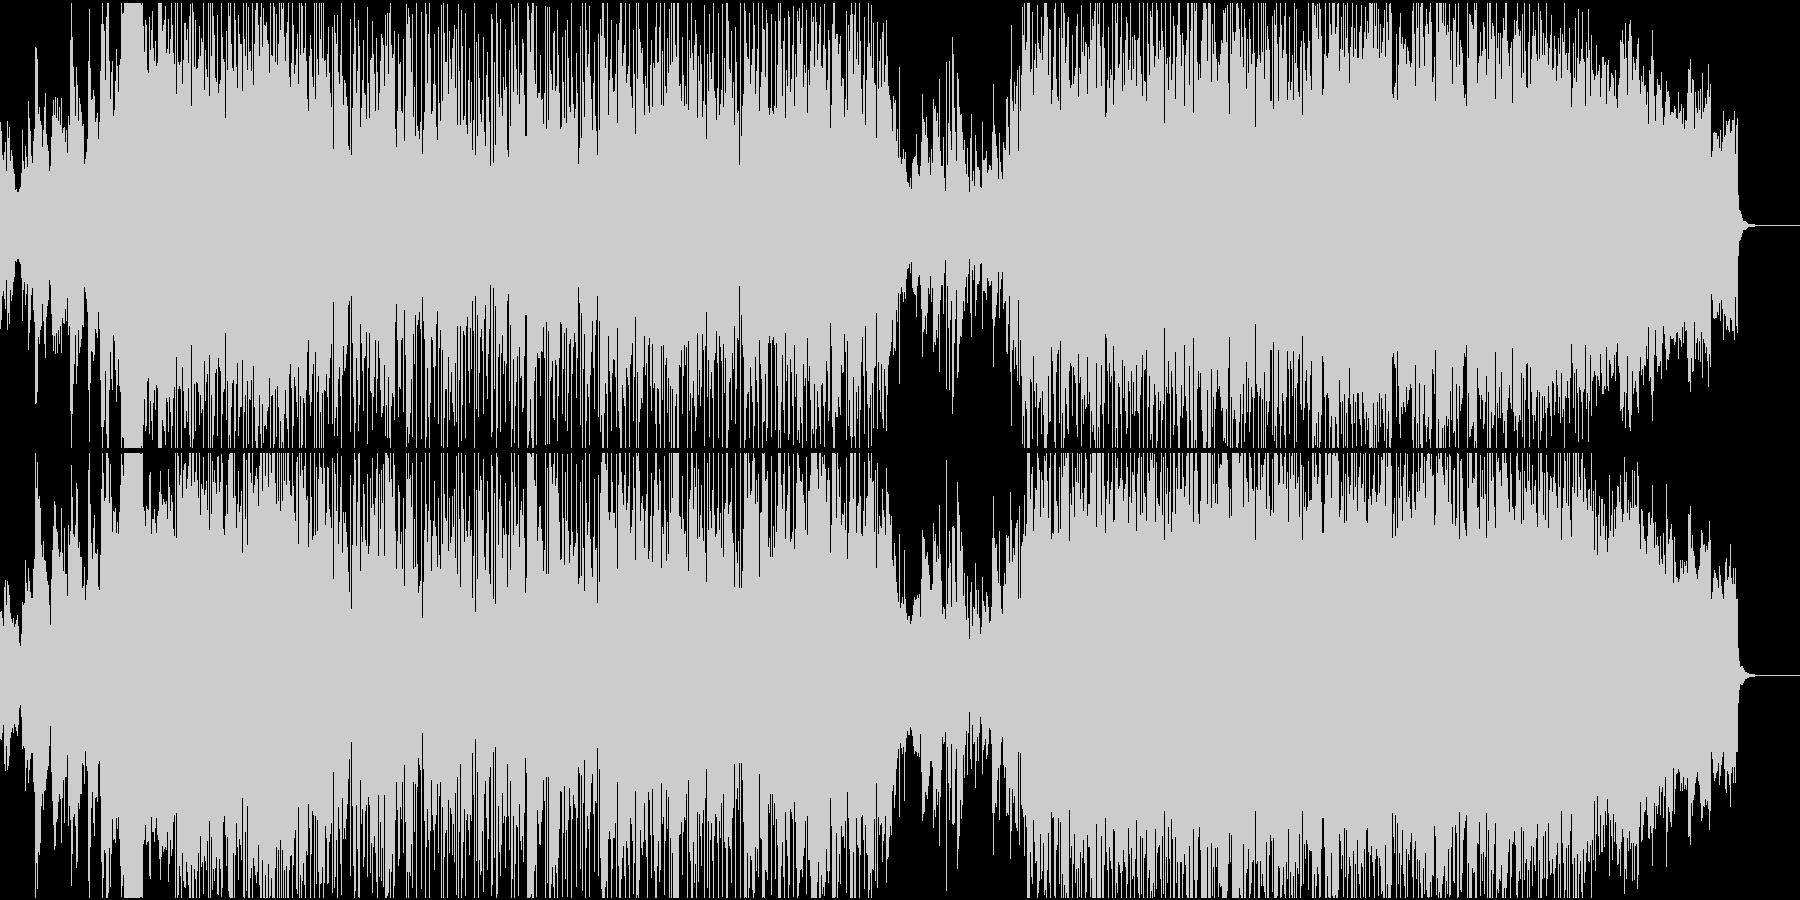 【生演奏】霧の森の中ような弦楽器バンド曲の未再生の波形